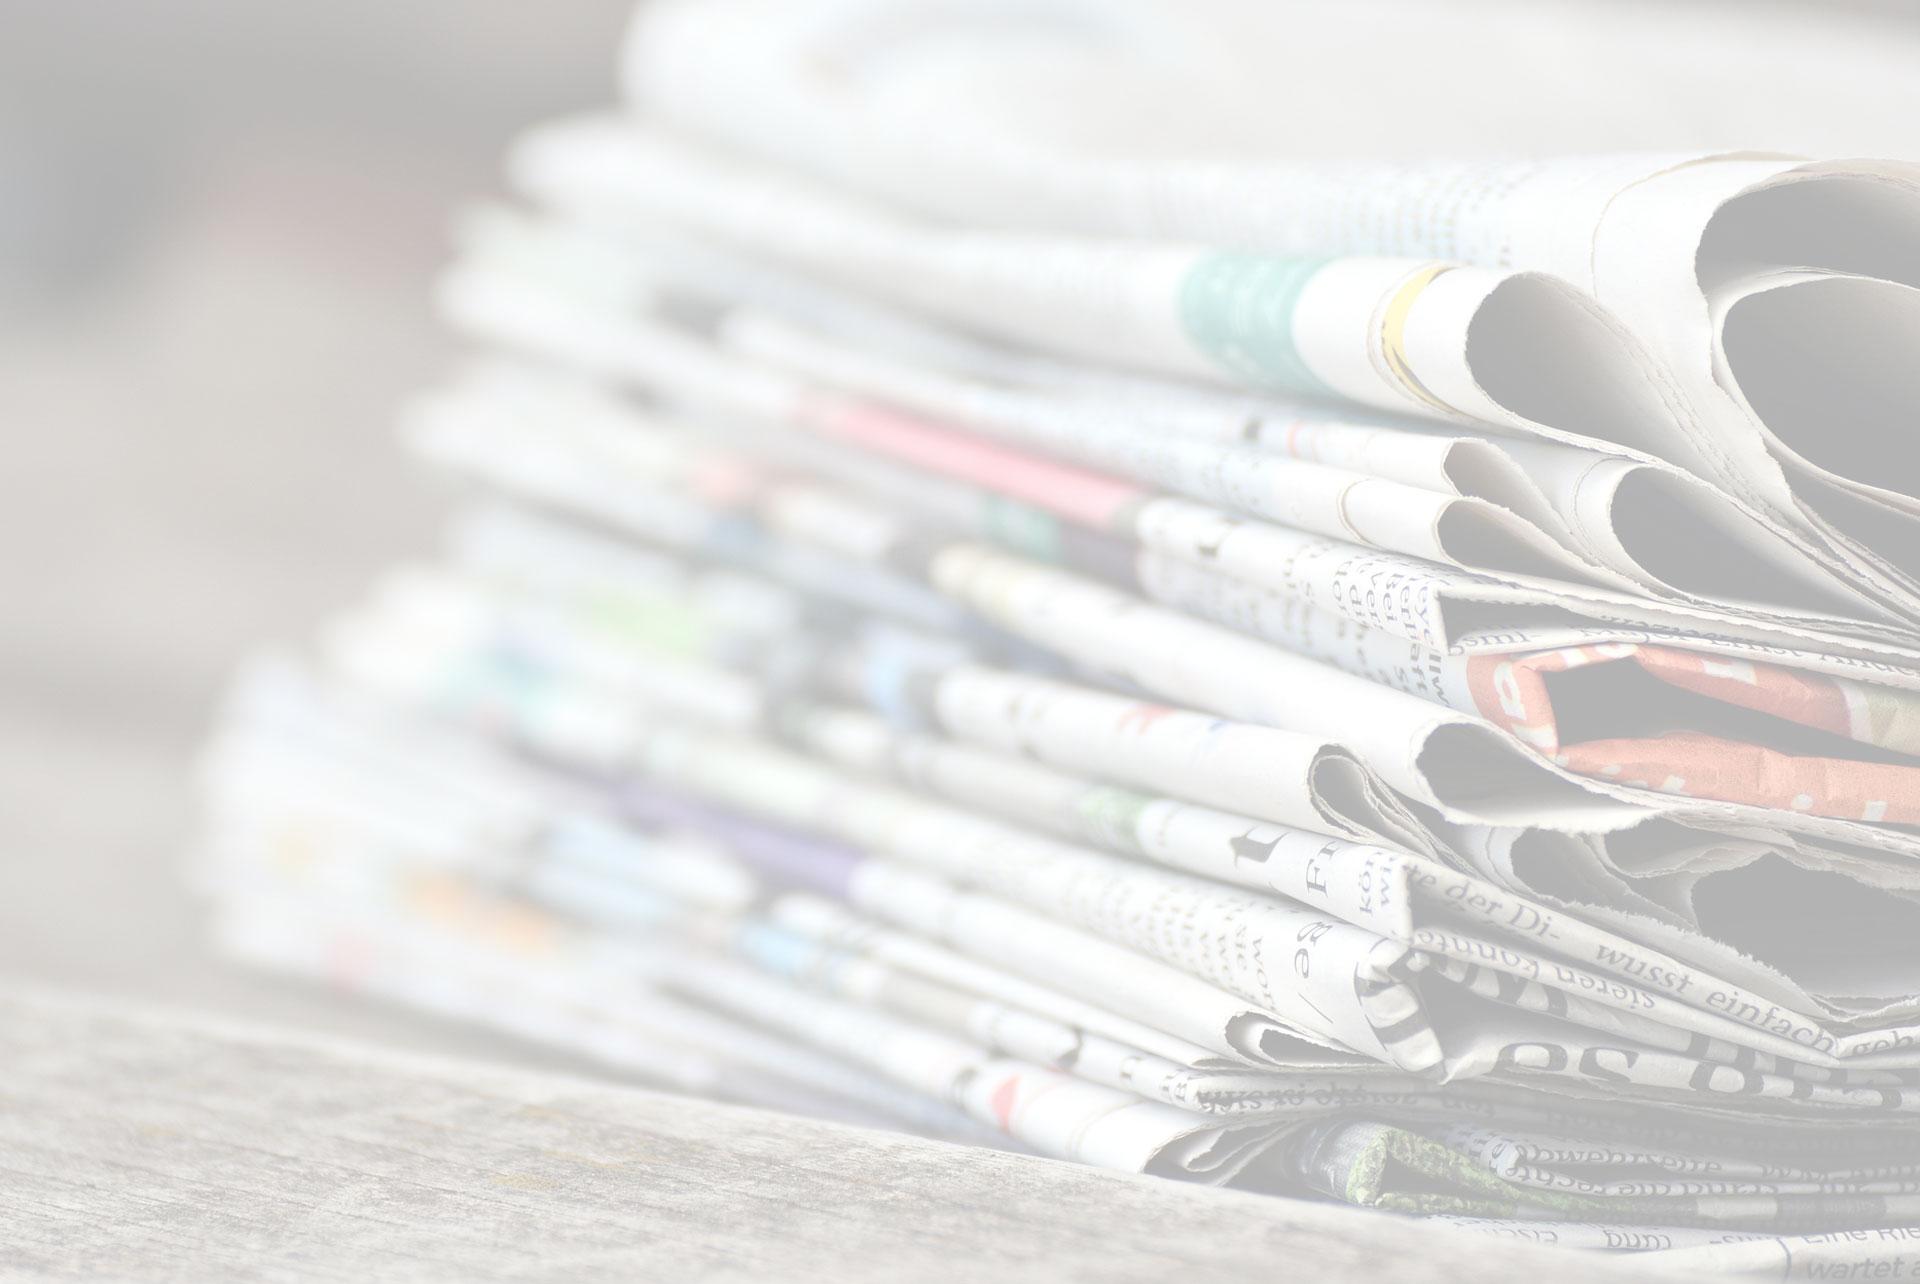 LEGGE ANTITRUST IN ITALIA